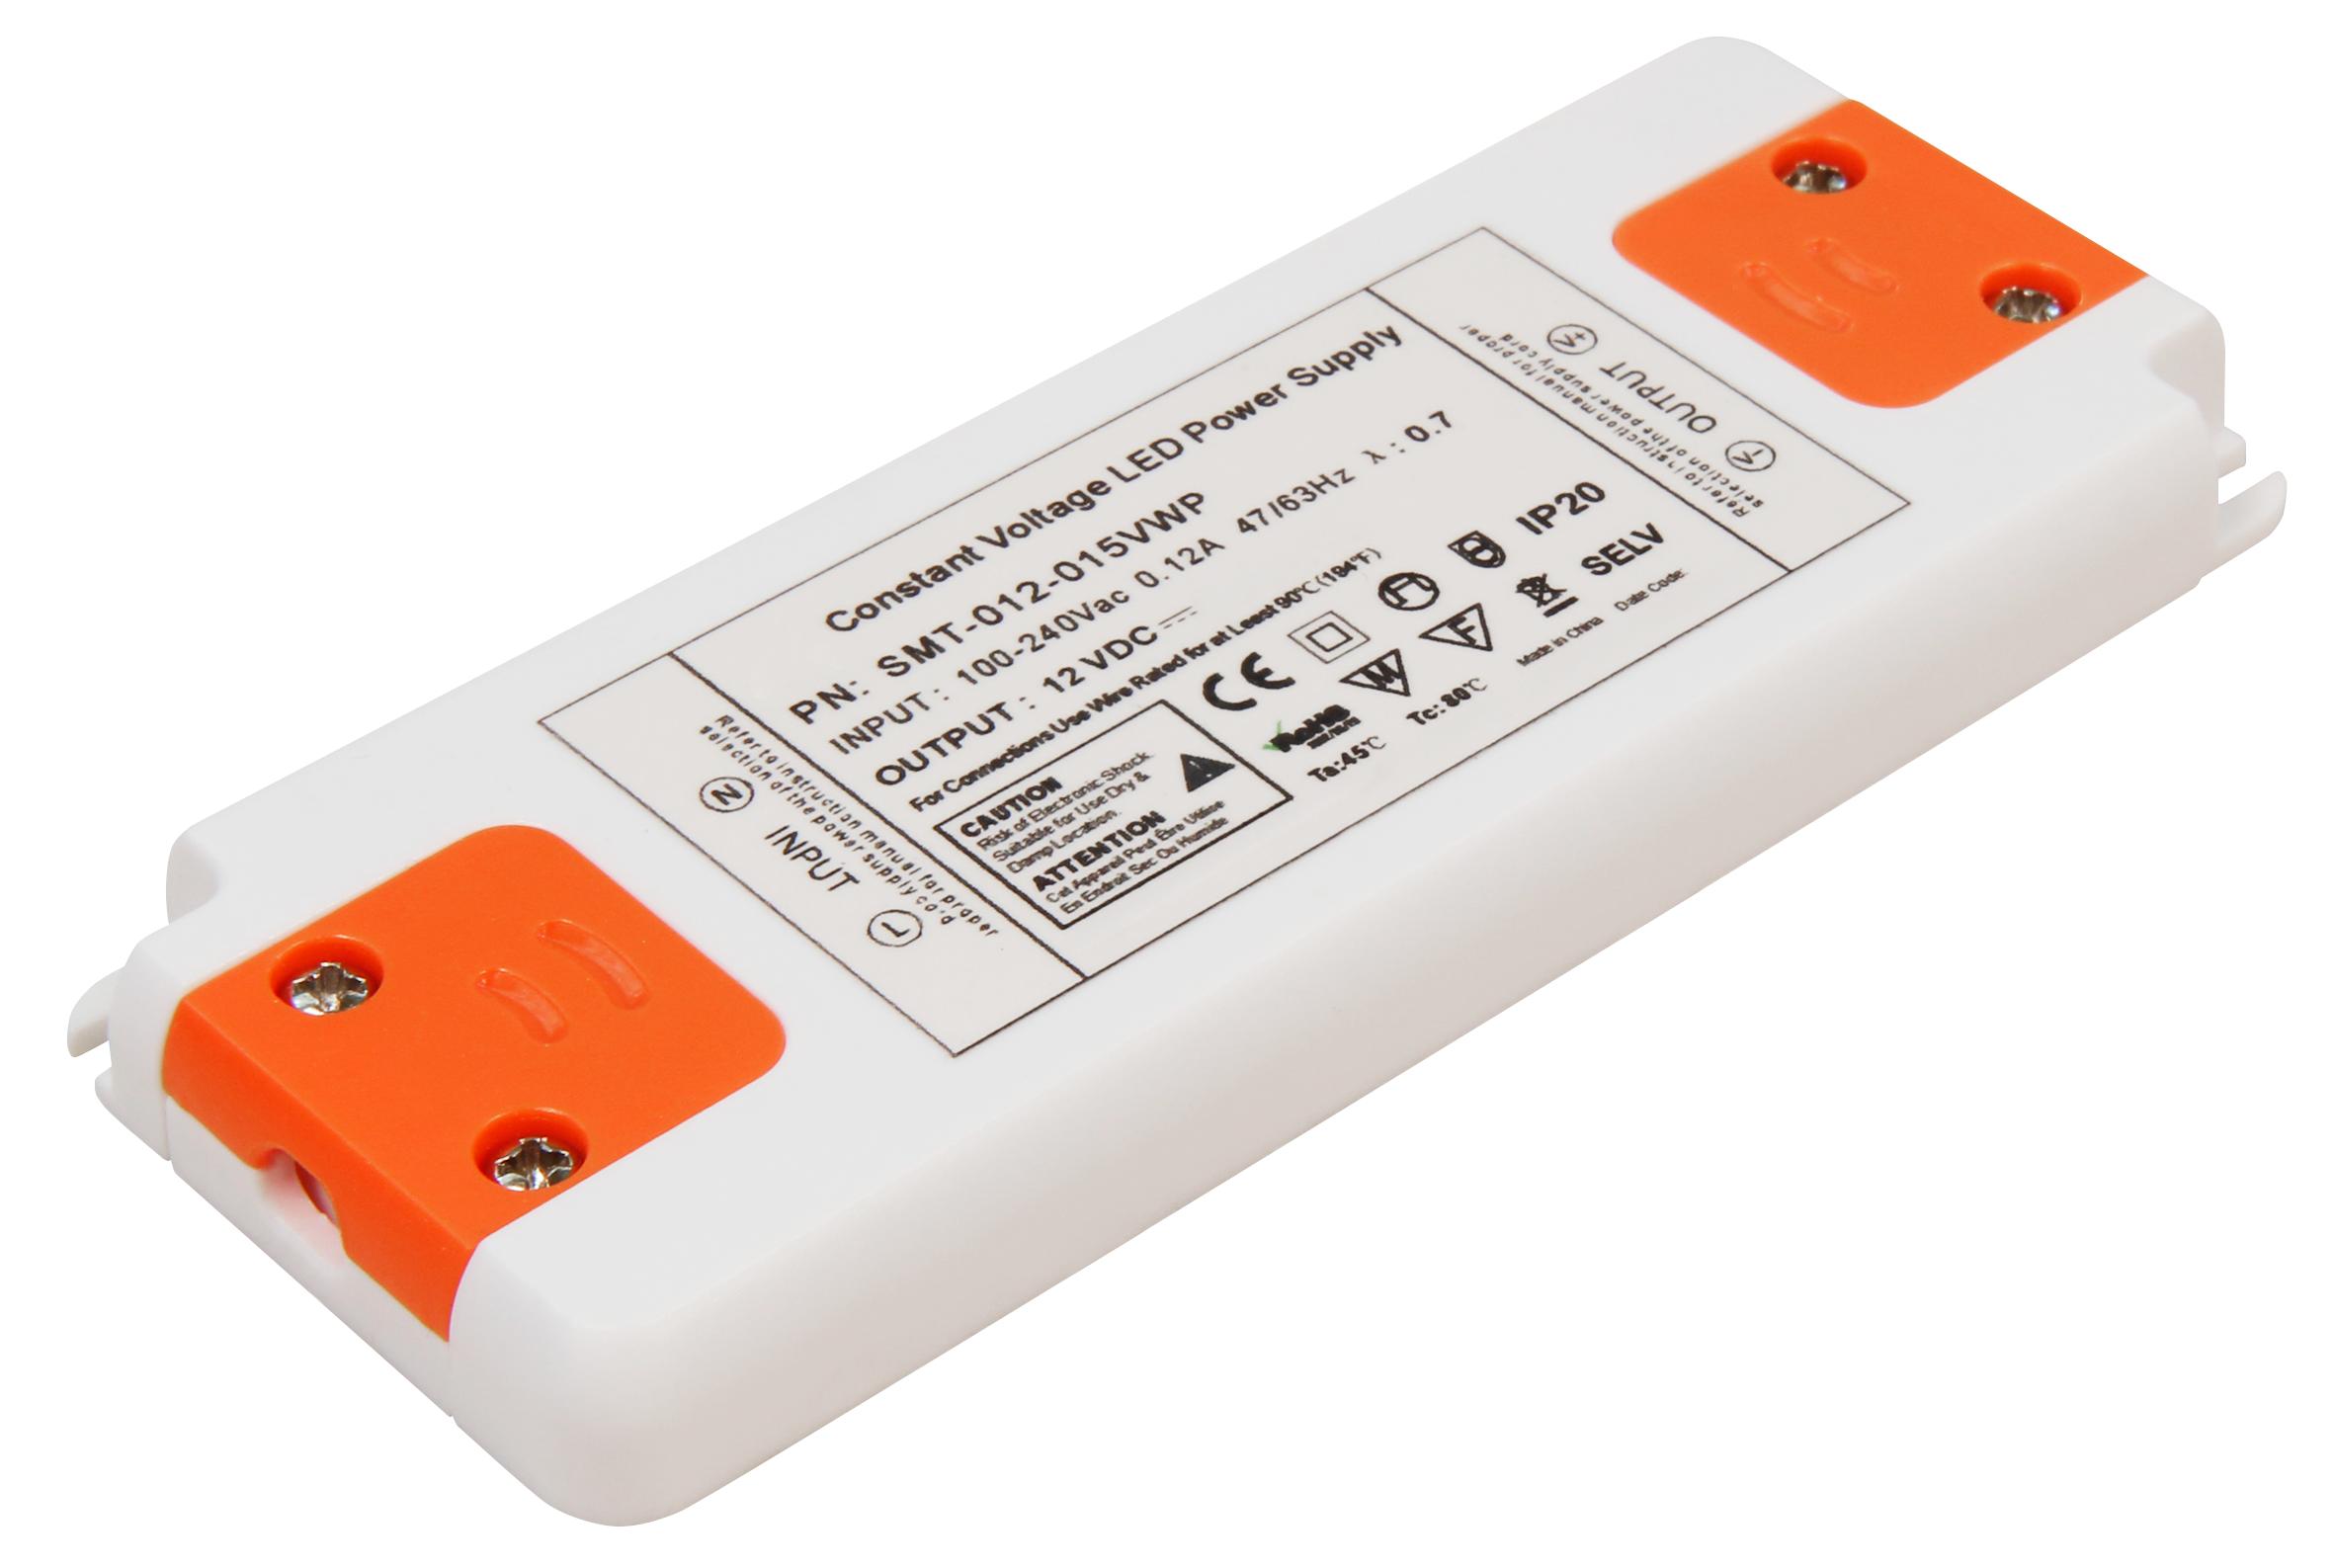 LED-Trafo McShine ''Slim'' elektronisch, 1-15W, 230V auf 12V, 128x50x12mm